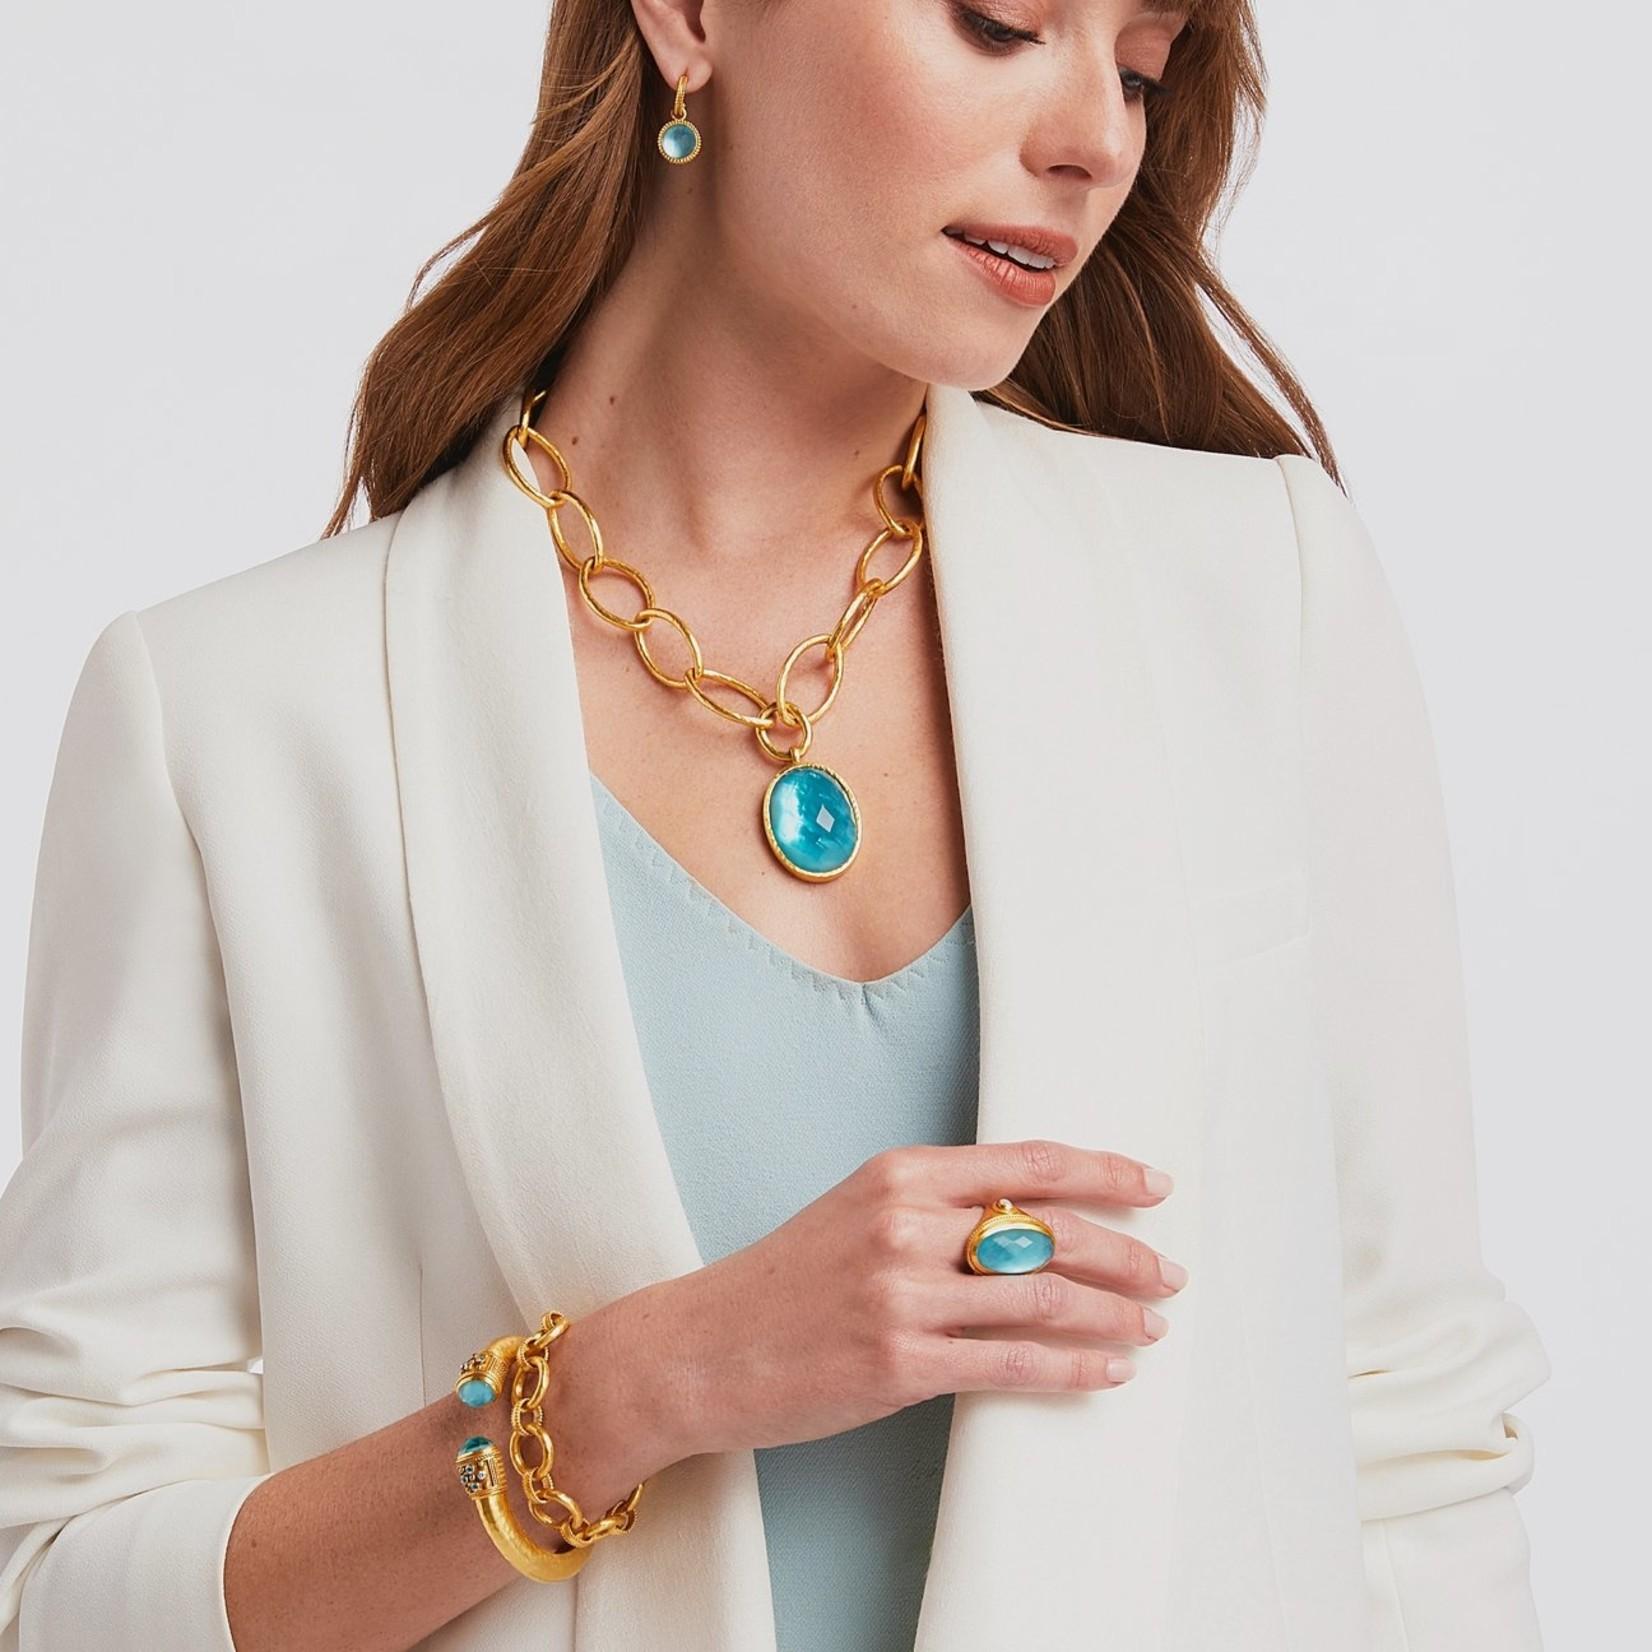 Julie Vos Paris Demi Luxe Hinge Cuff - Iridescent Bahamian Blue w/ Cz Accents